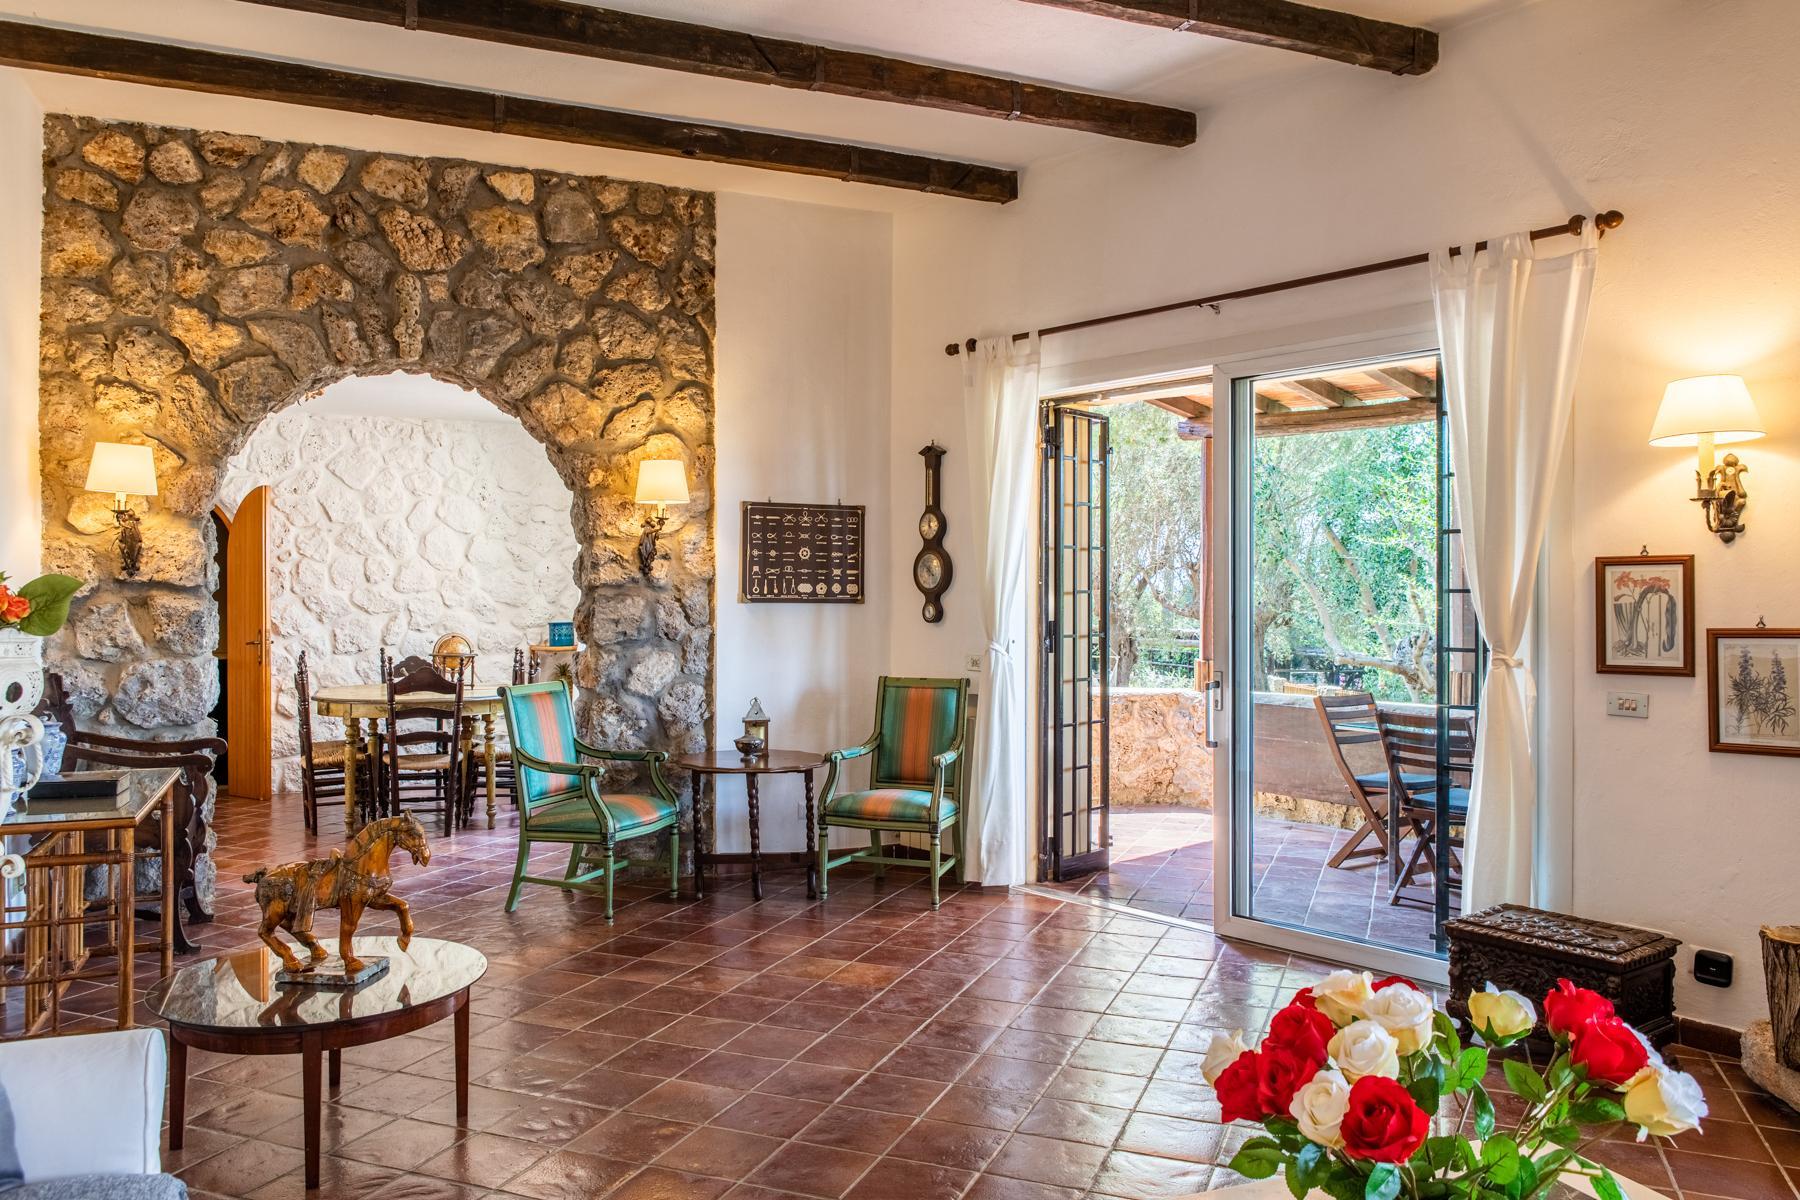 Wundeschöne Villa aus Stein in einzigartiger Umgebung - 13